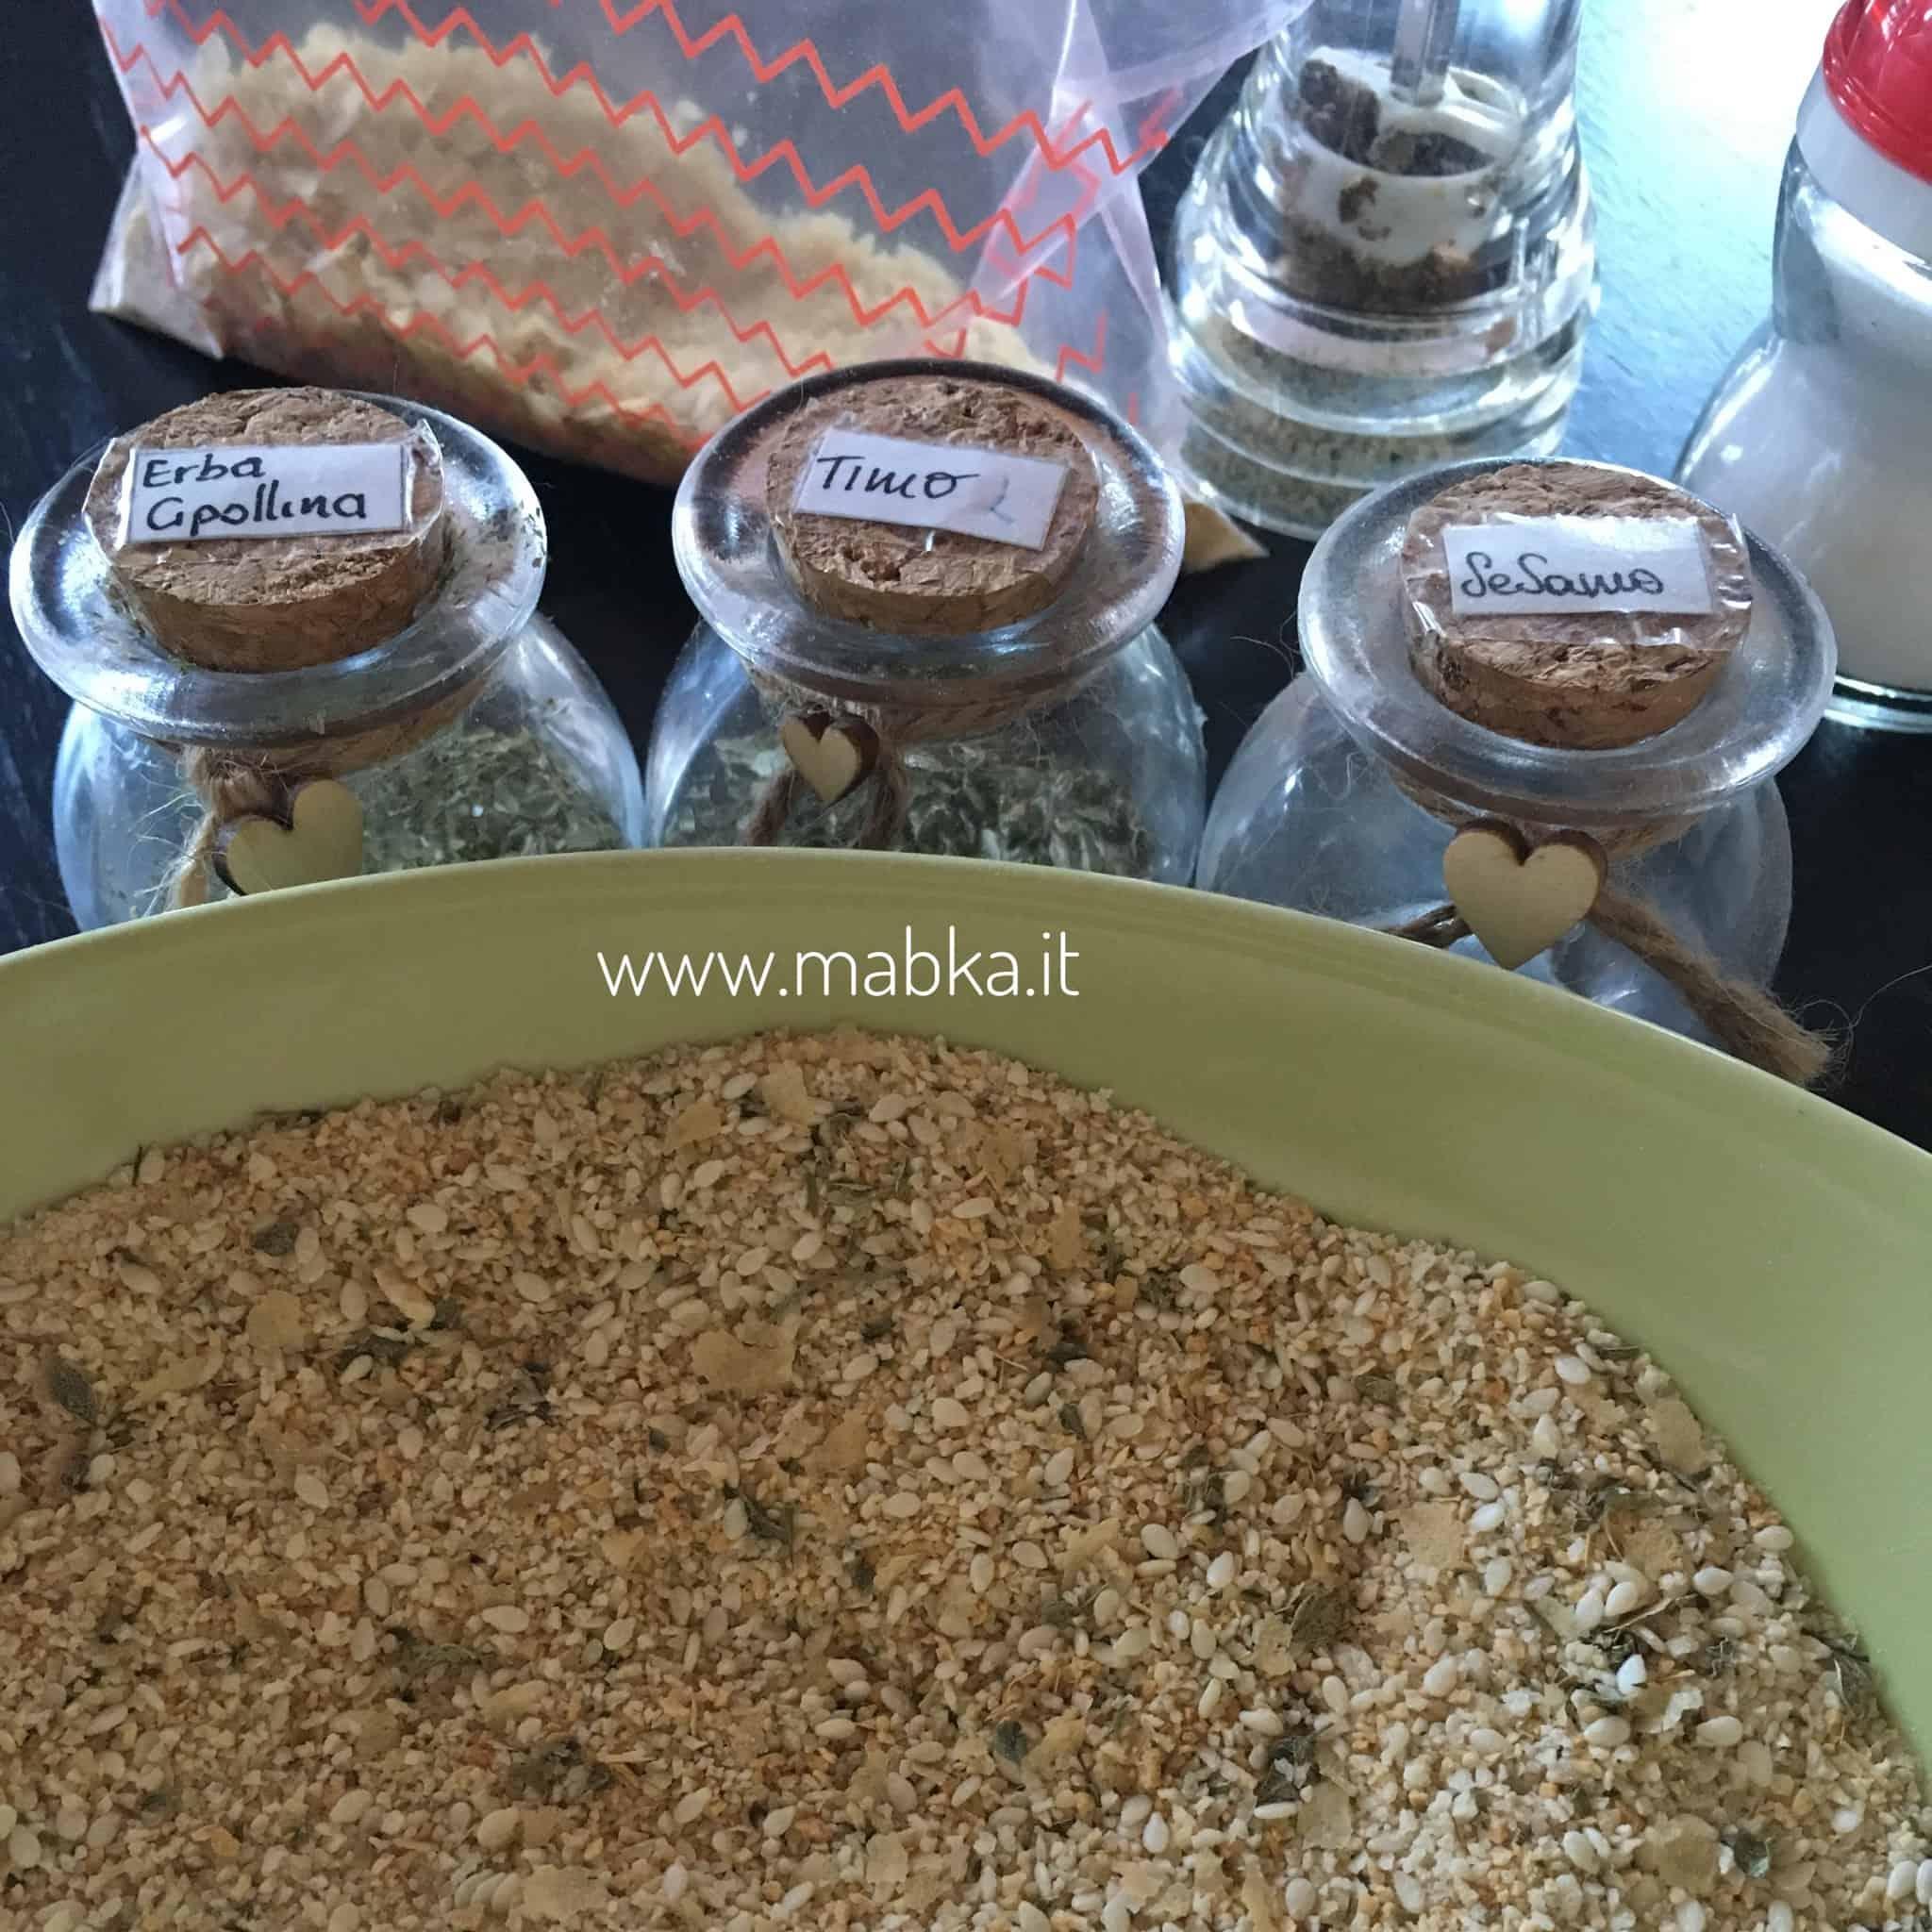 Cotolette con panatura aromatica senza lattosio